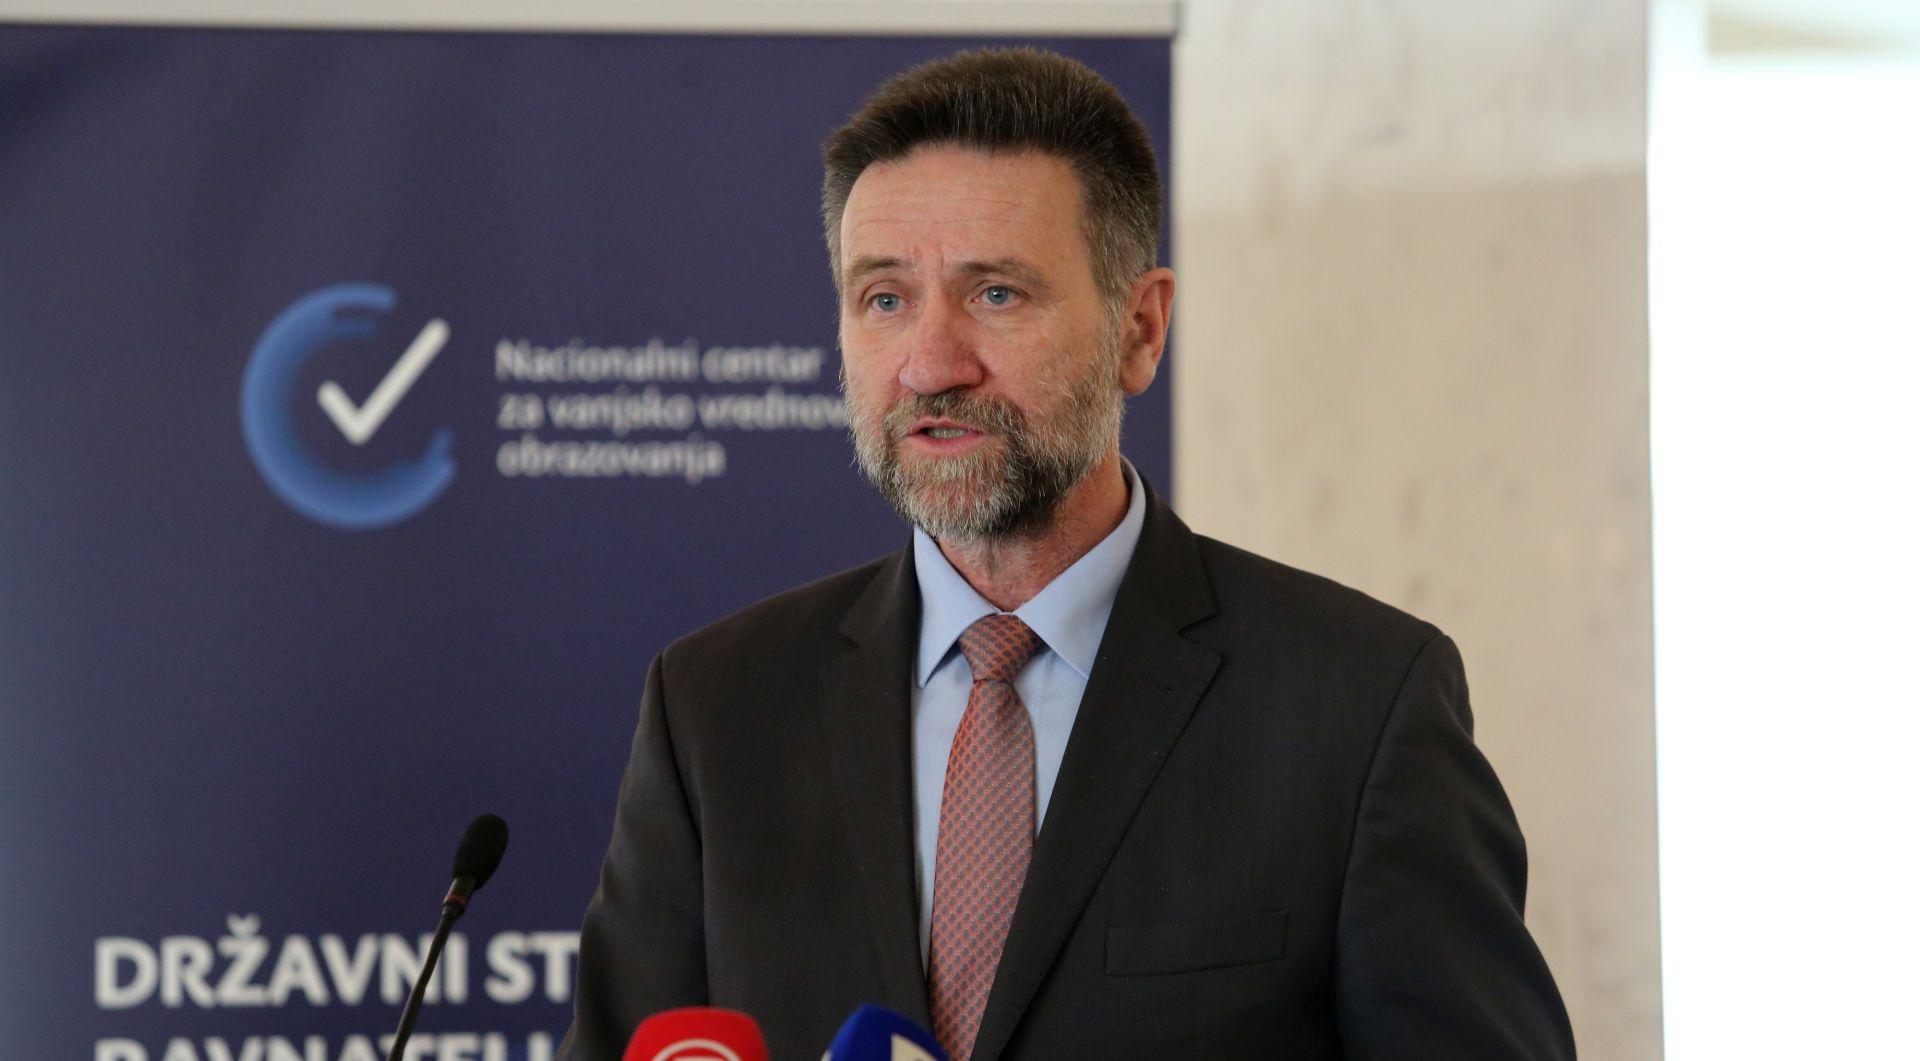 BARIŠIĆ 'Stanje sustava obrazovanja nije katastrofalno, Hrvatska po nekim pokazateljima i prednjači'